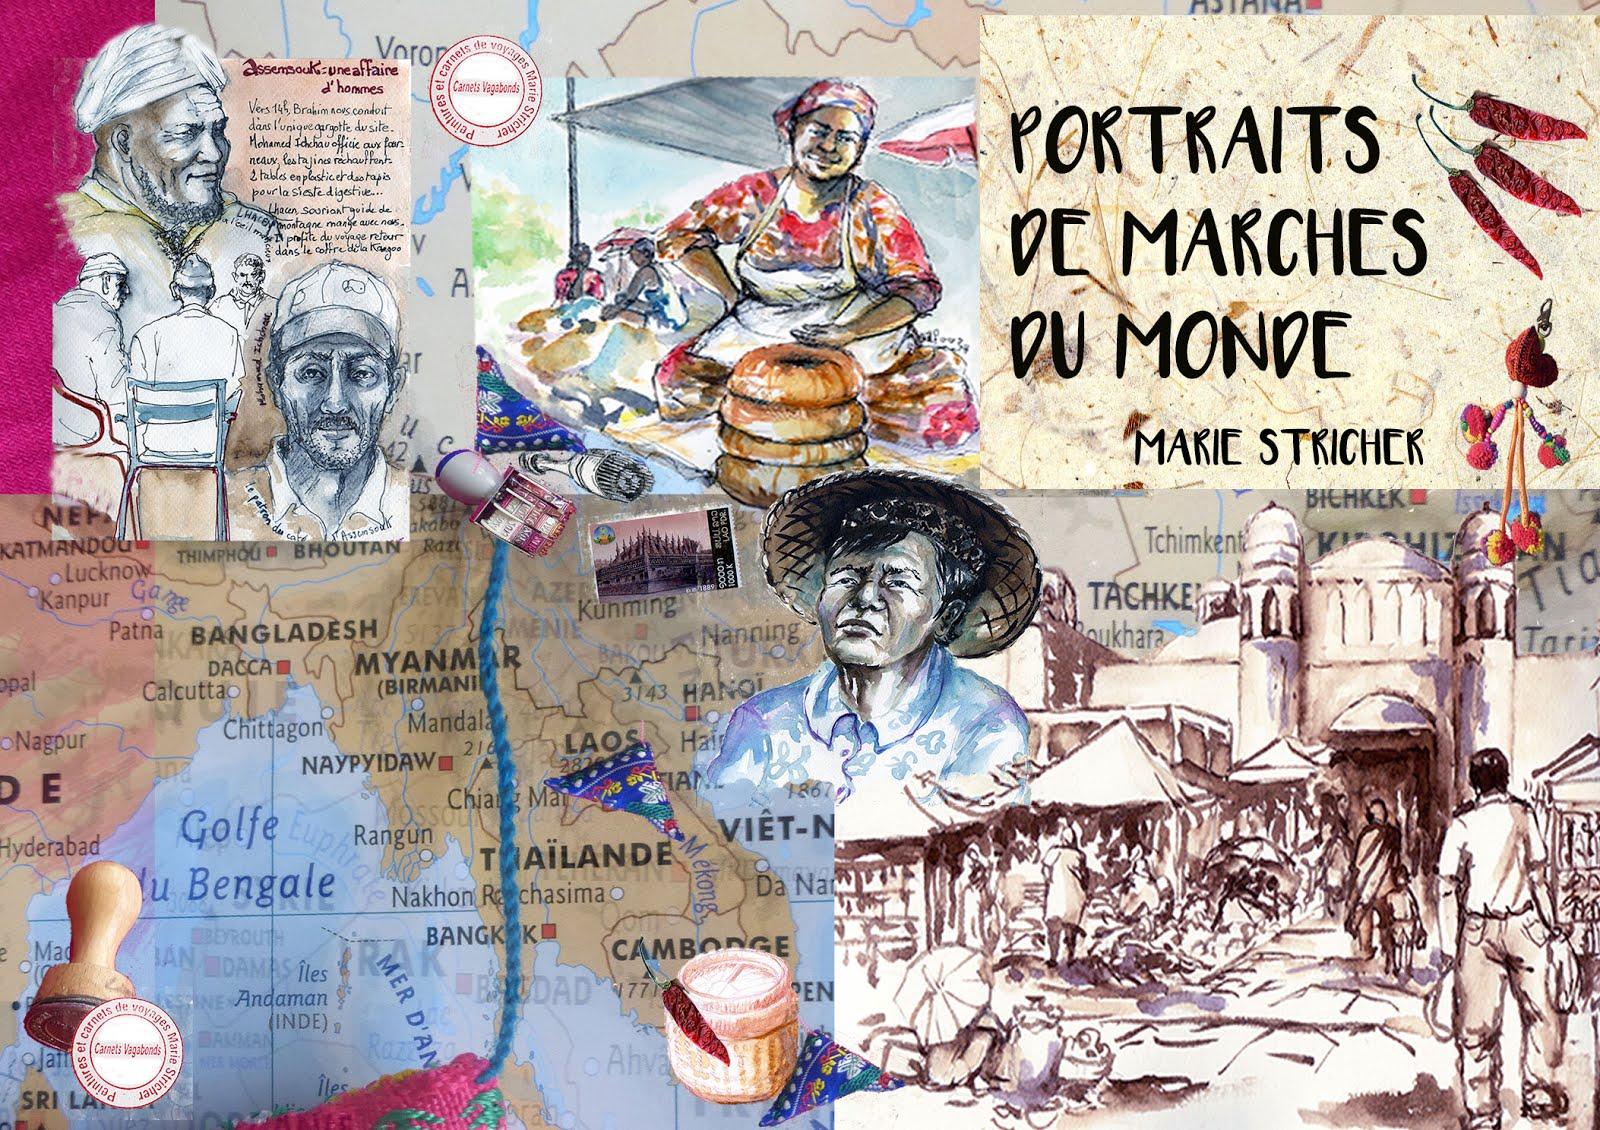 Portraits de marchés du monde